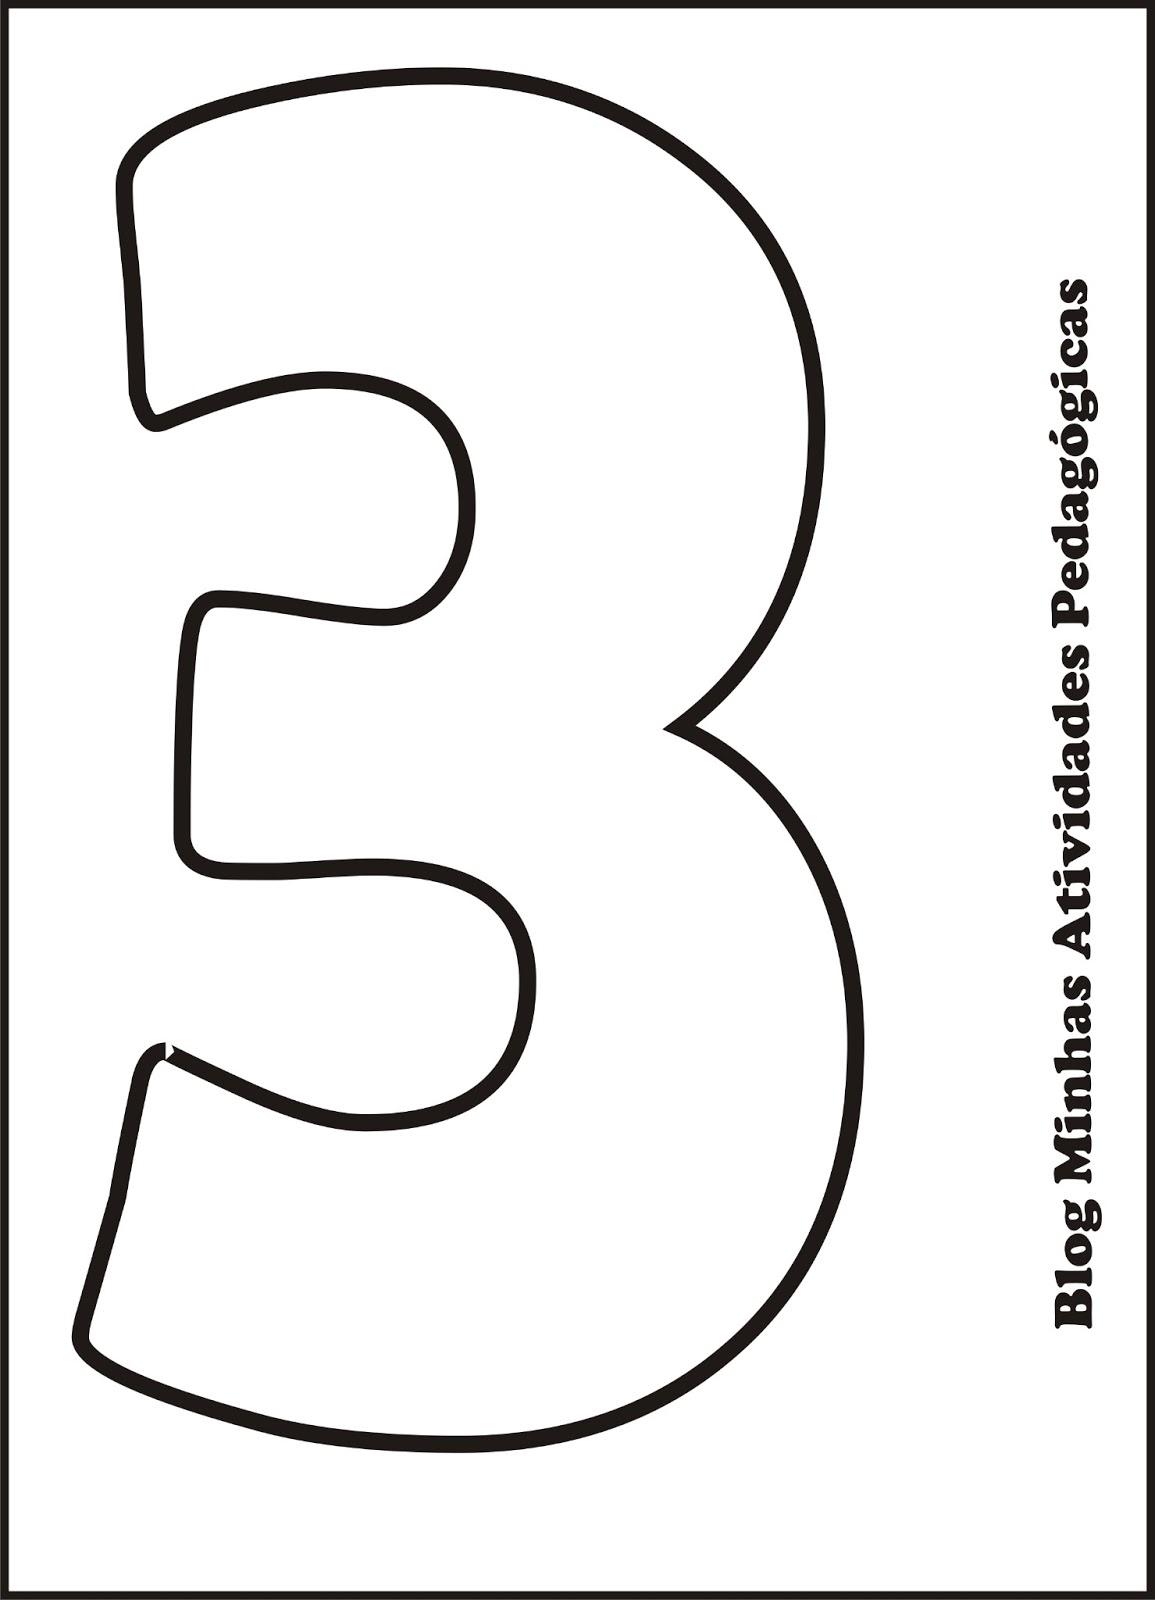 Minhas Atividades Pedagógicas: Molde de Números para imprimir